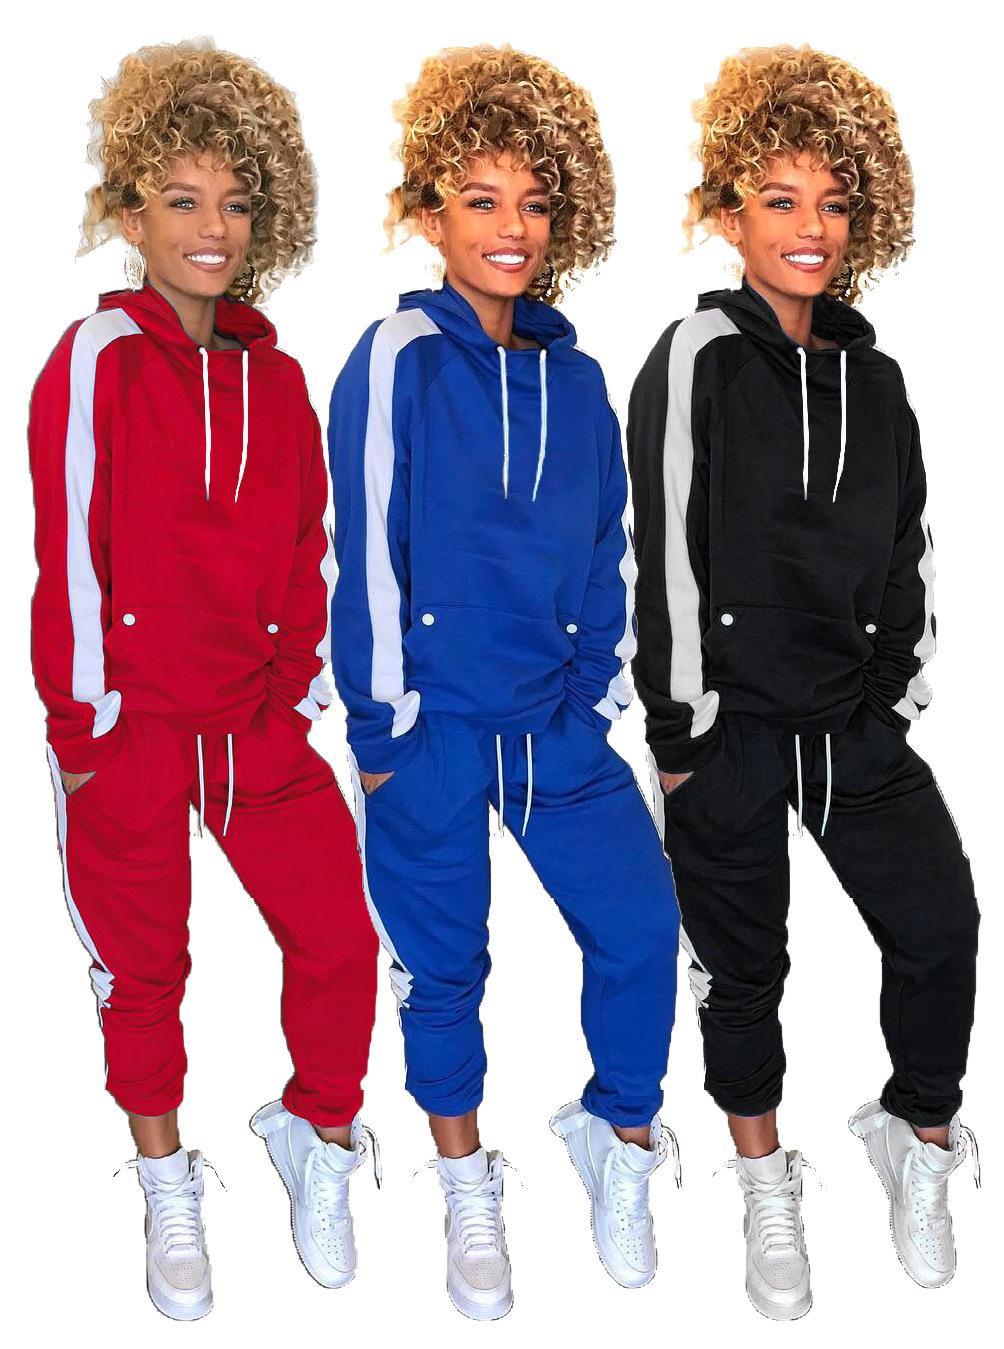 Moda kadın spor takım elbise sonbahar Avrupa ve iki parça bir takım Boyutu ile Amerikalı kadın moda trendi dikiş spor S-XL-2